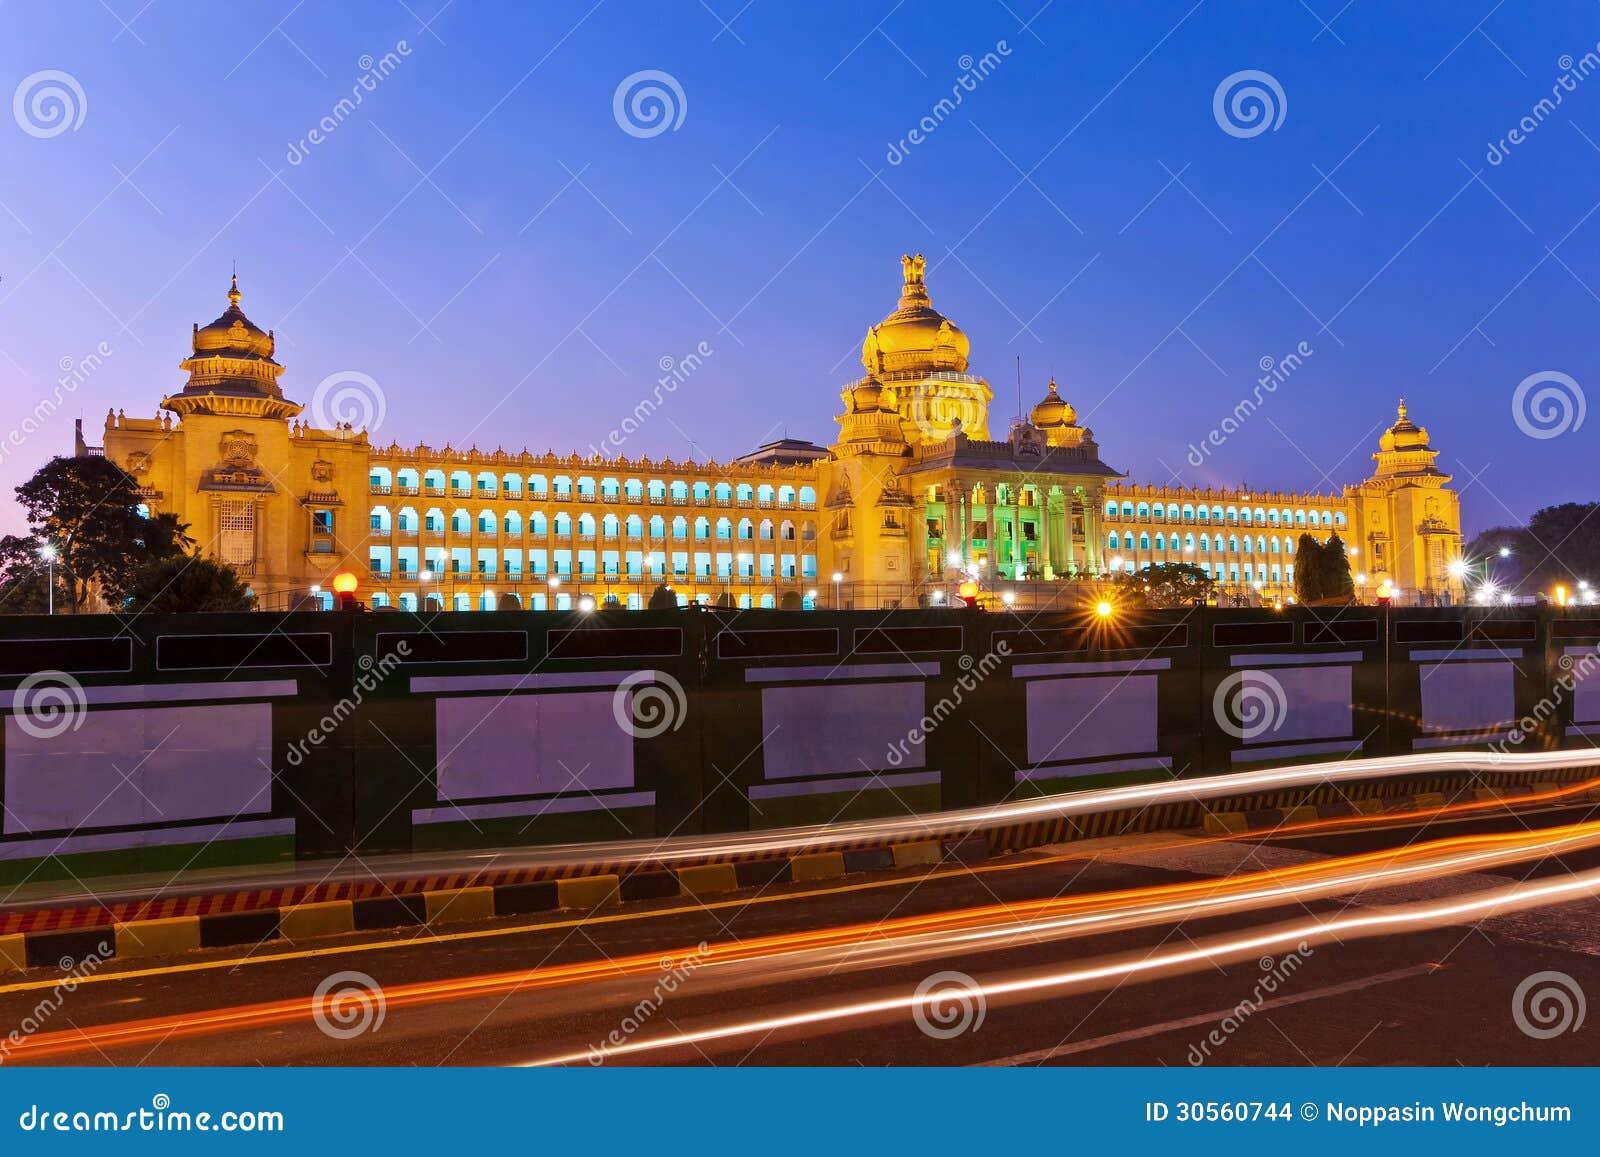 Vidhana Soudha państwowe ciało ustawodawcze